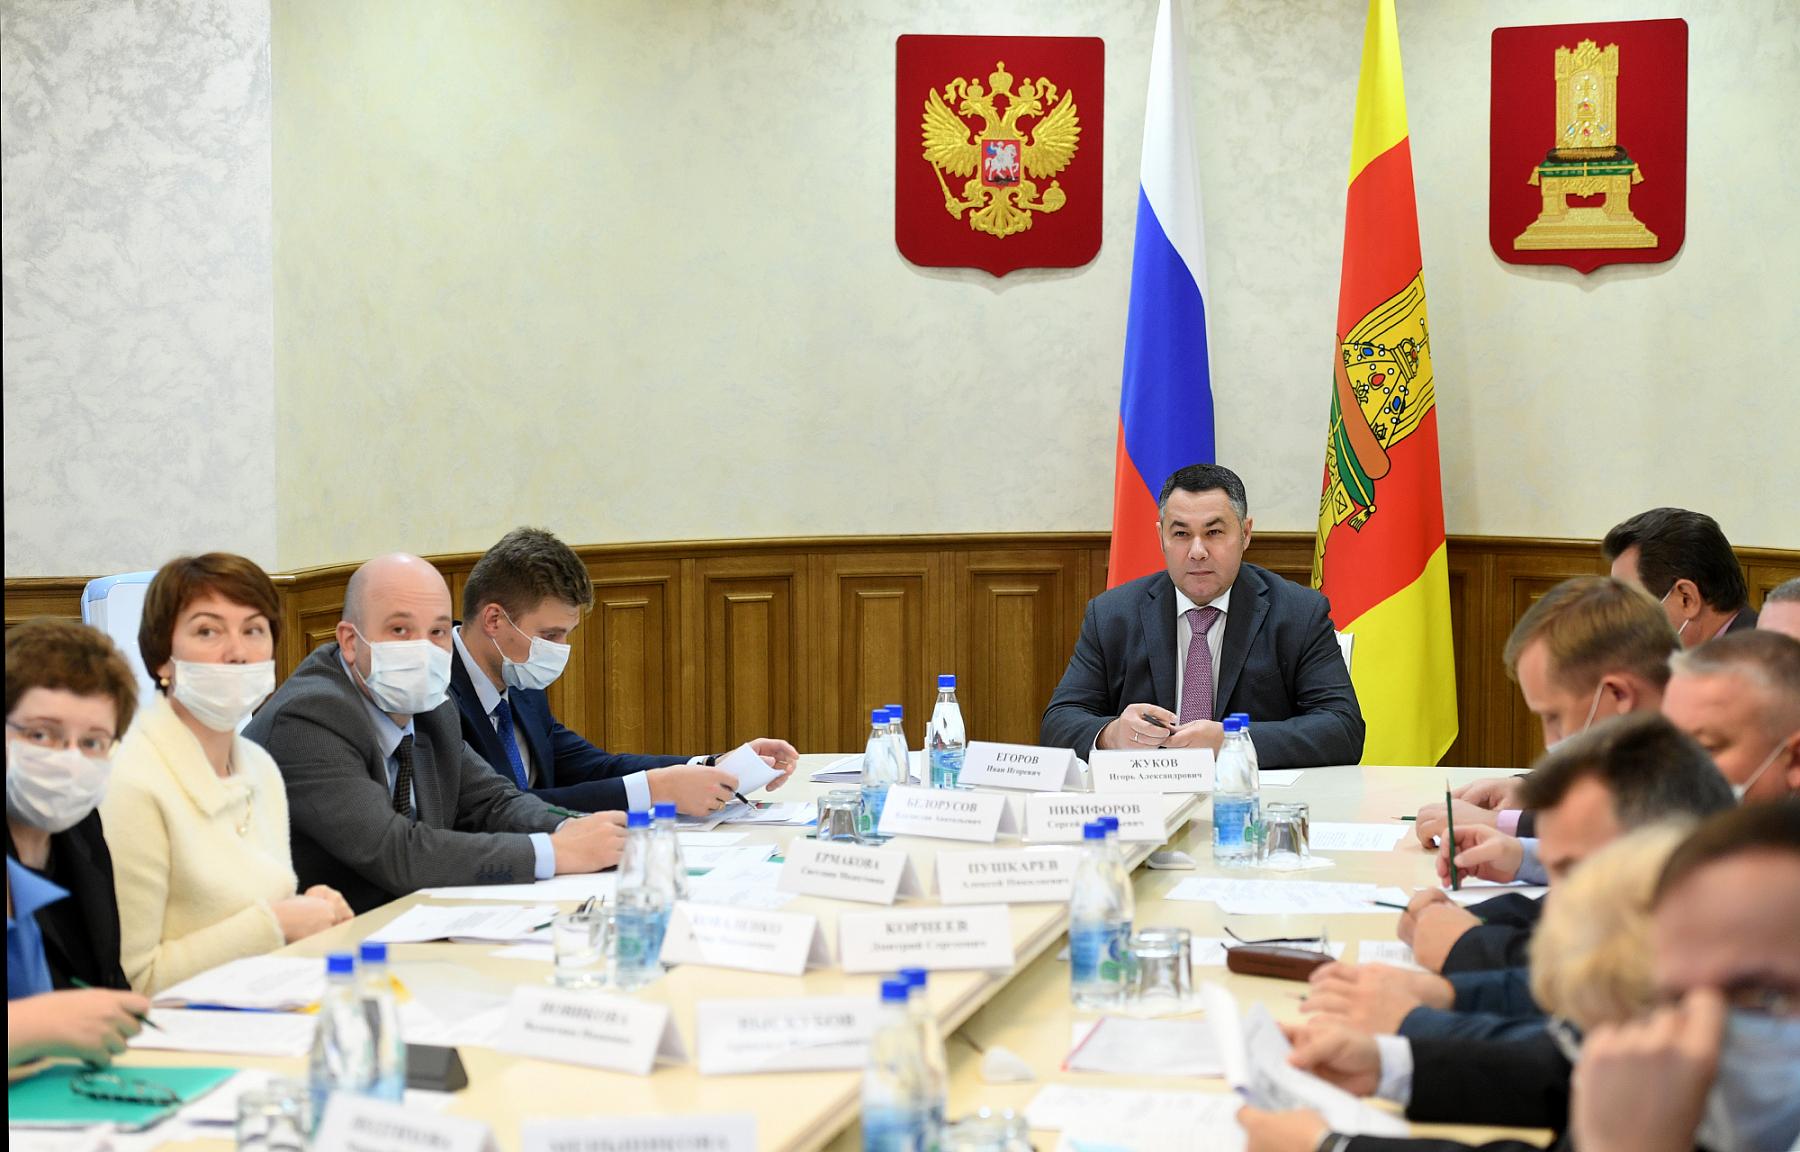 Волна ОРВИ: в Тверской области усилены меры профилактики сезонных инфекций